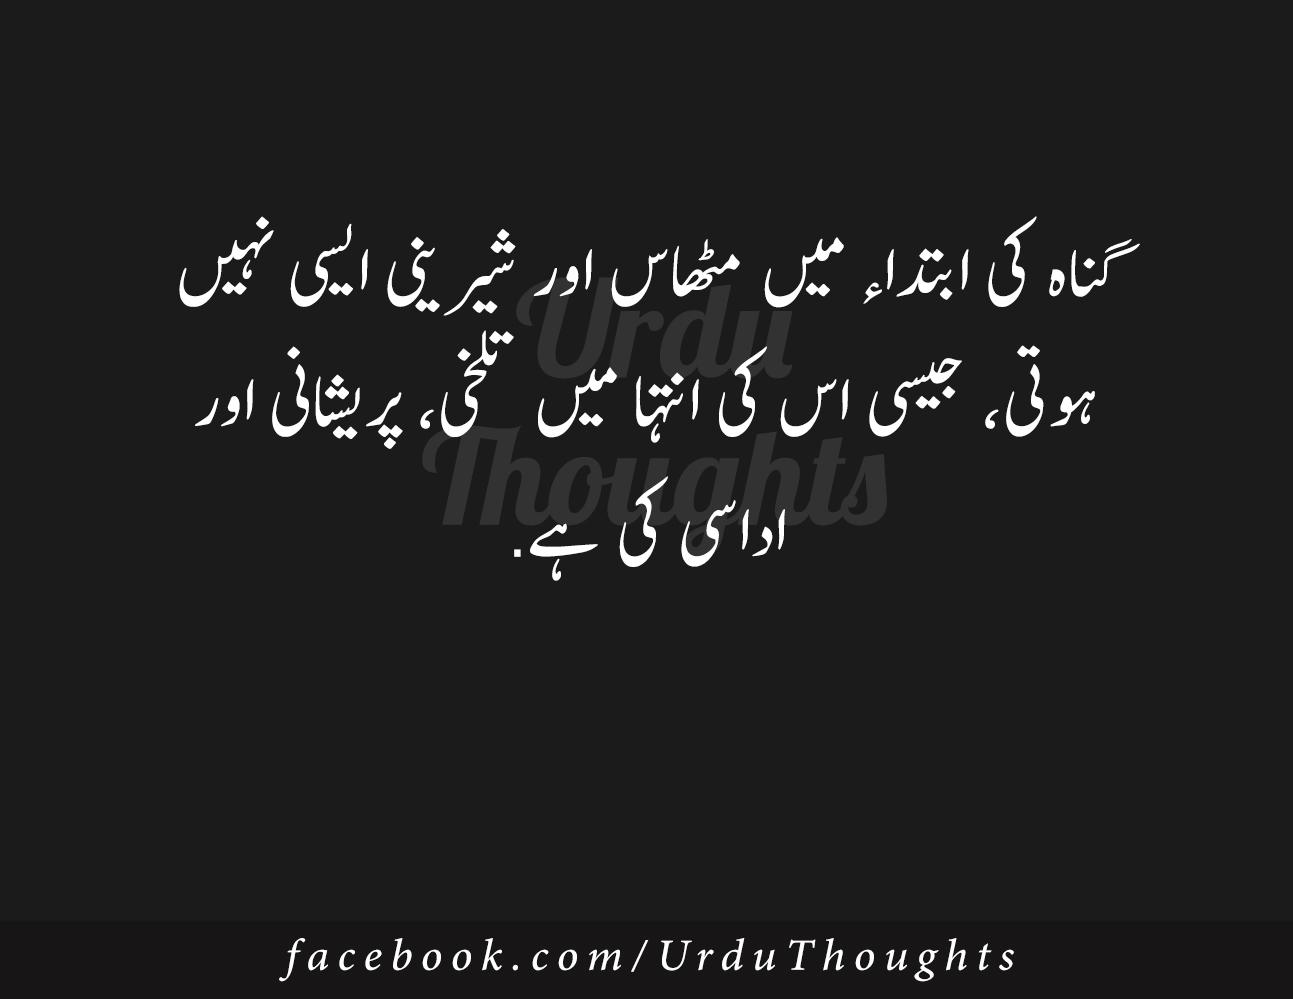 Best Quotes In Urdu Images